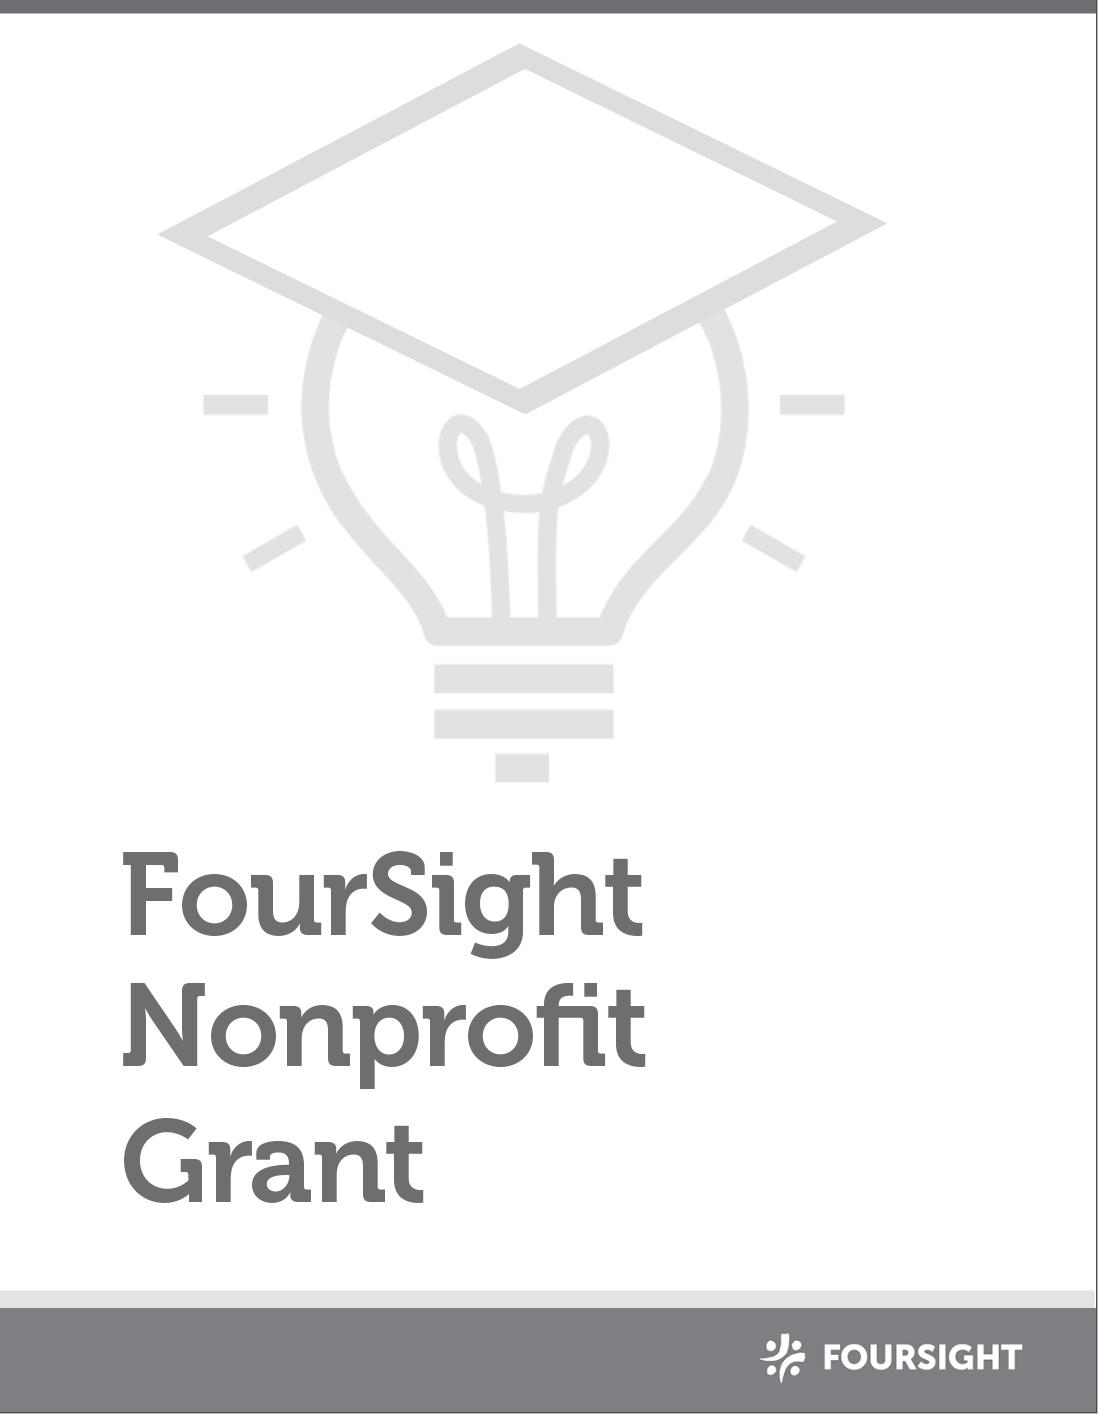 fourSight-Nonprofit-Board-Grant